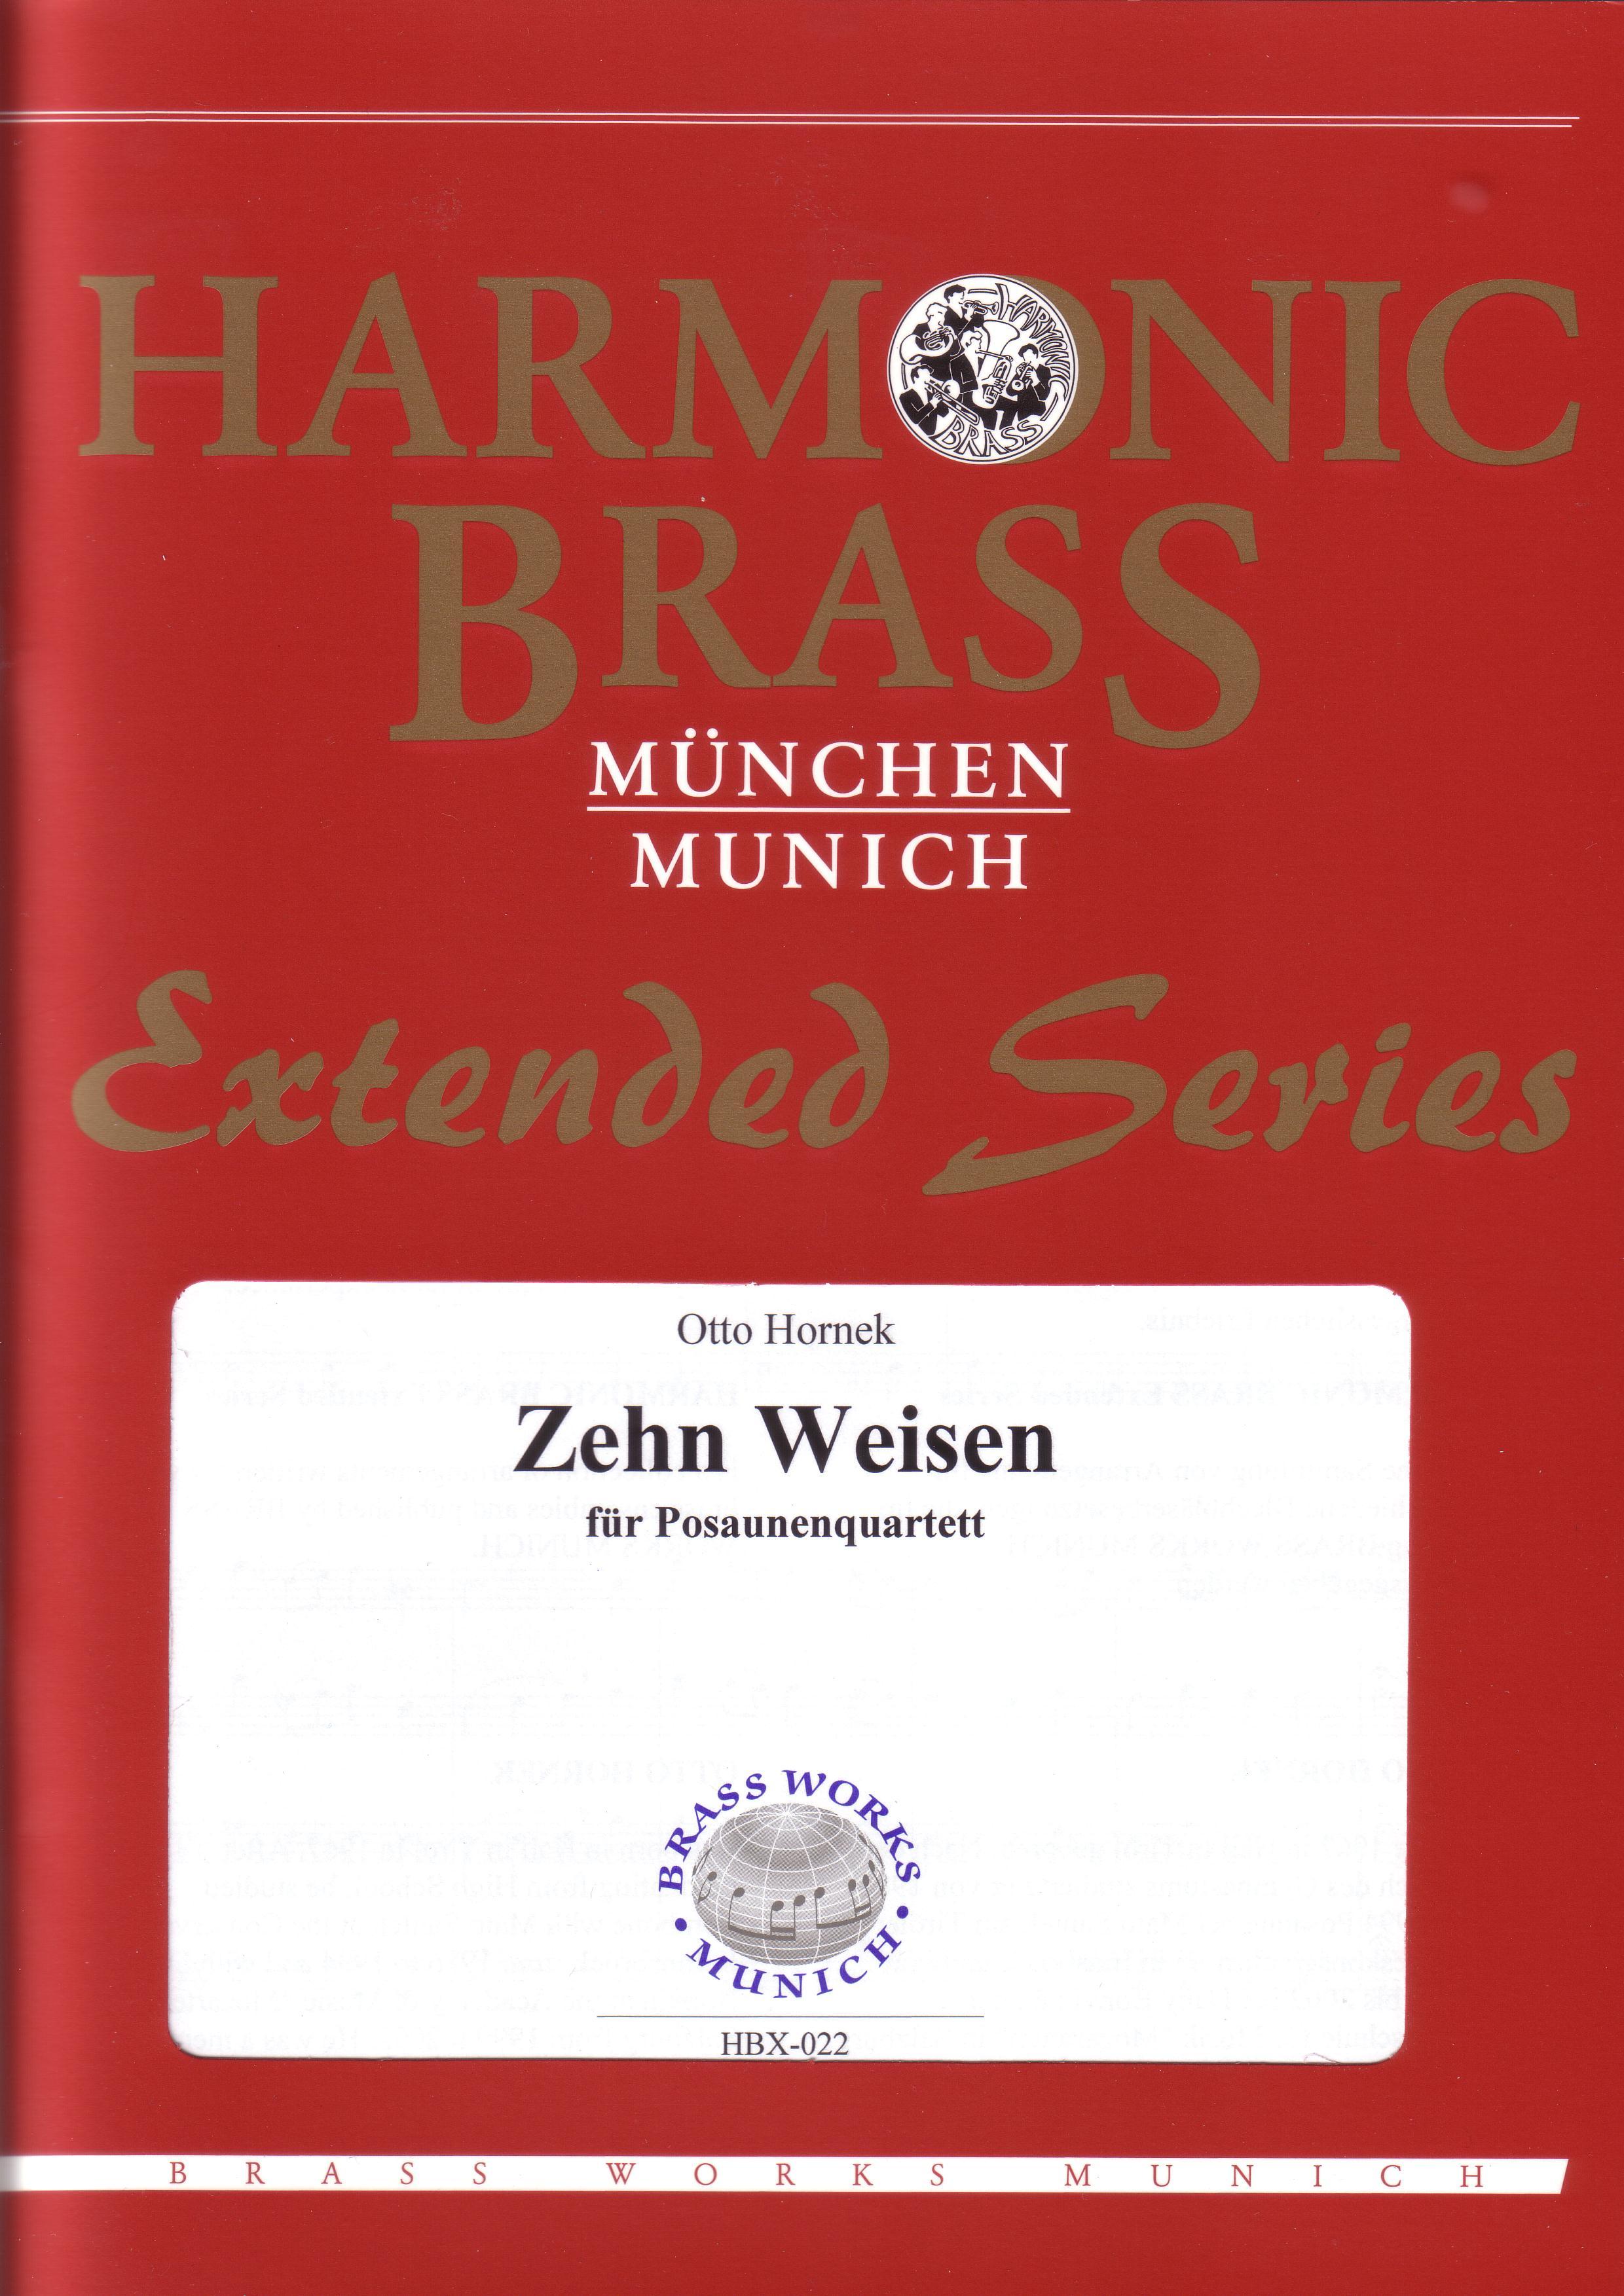 ZEHN WEISEN (10 SONGS)